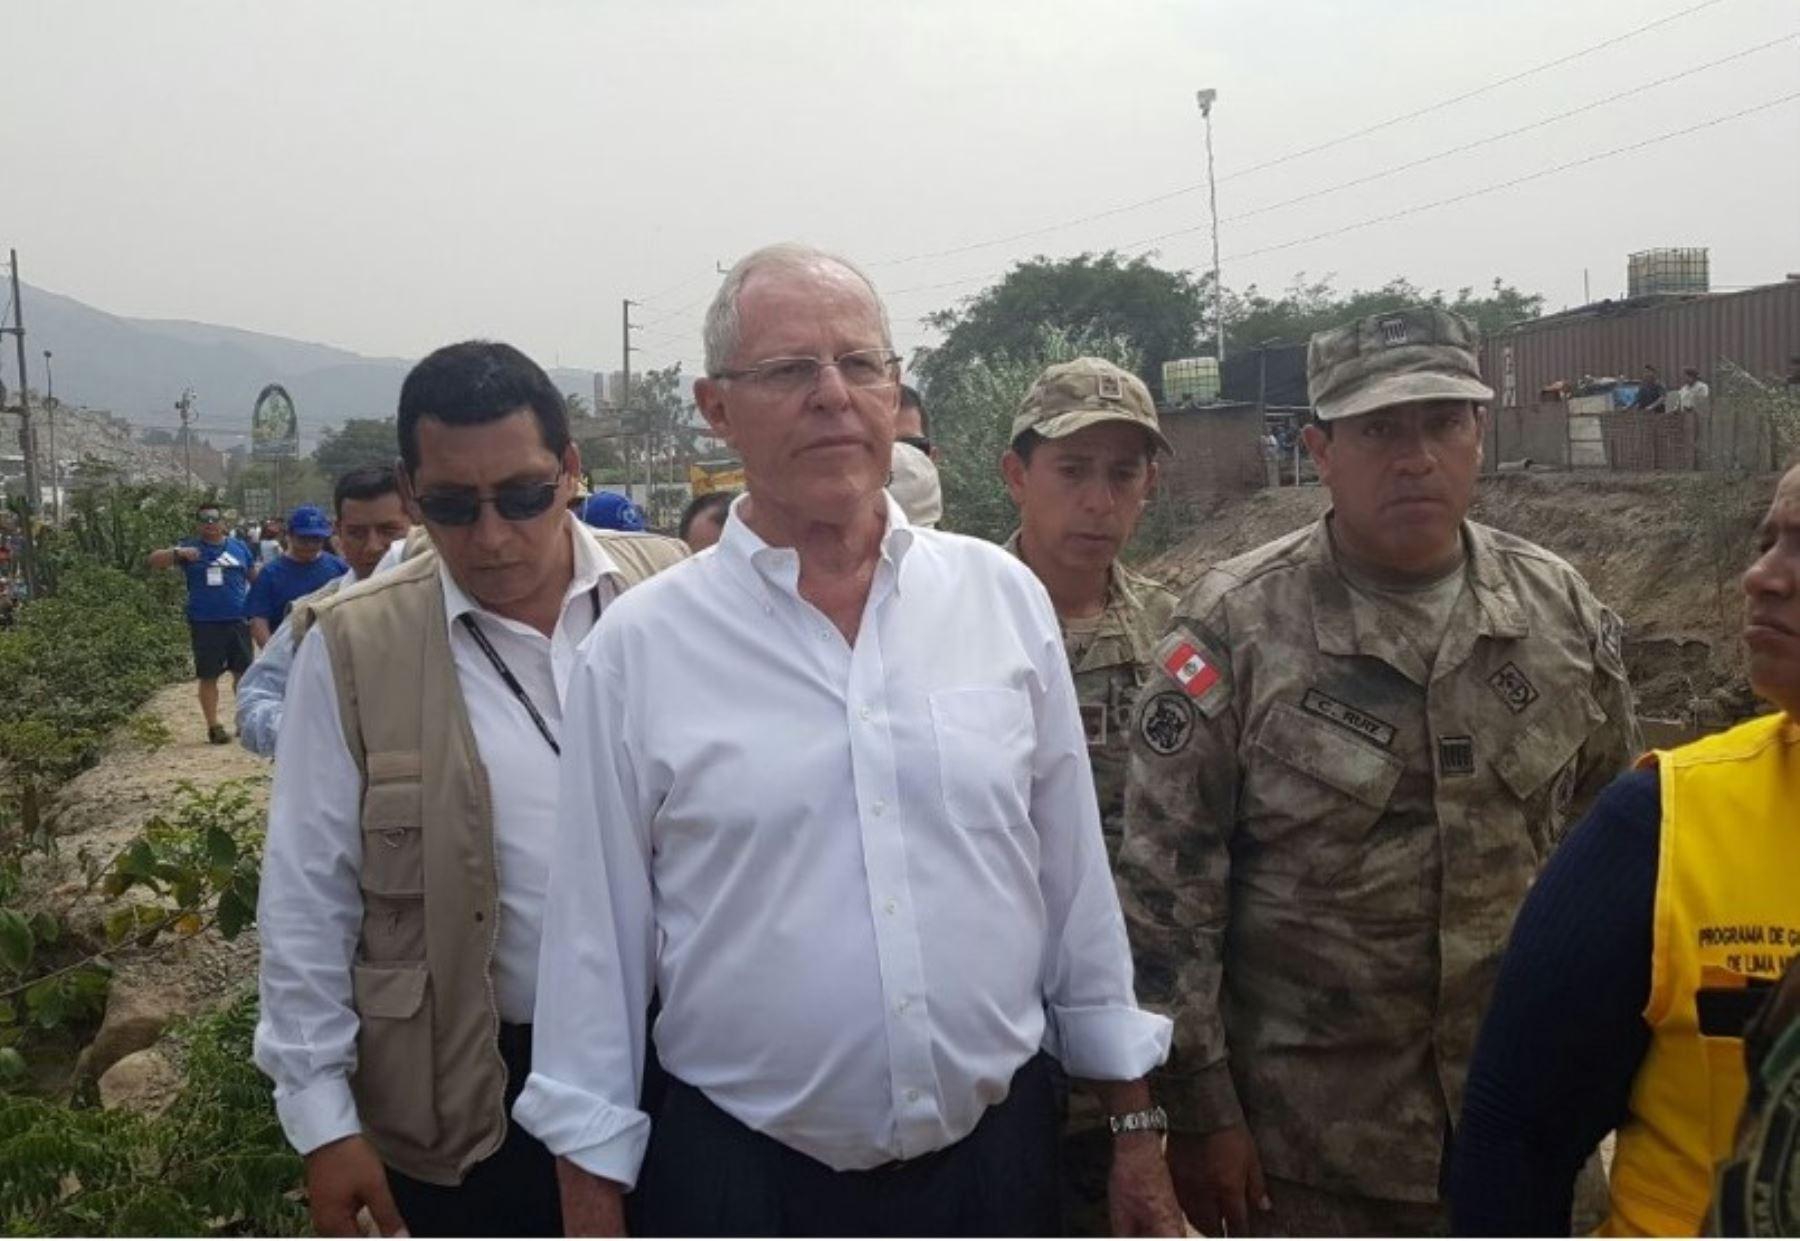 Presidente Pedro Pablo Kuczynski inspecciona labores de limpieza en río Huaycoloro.